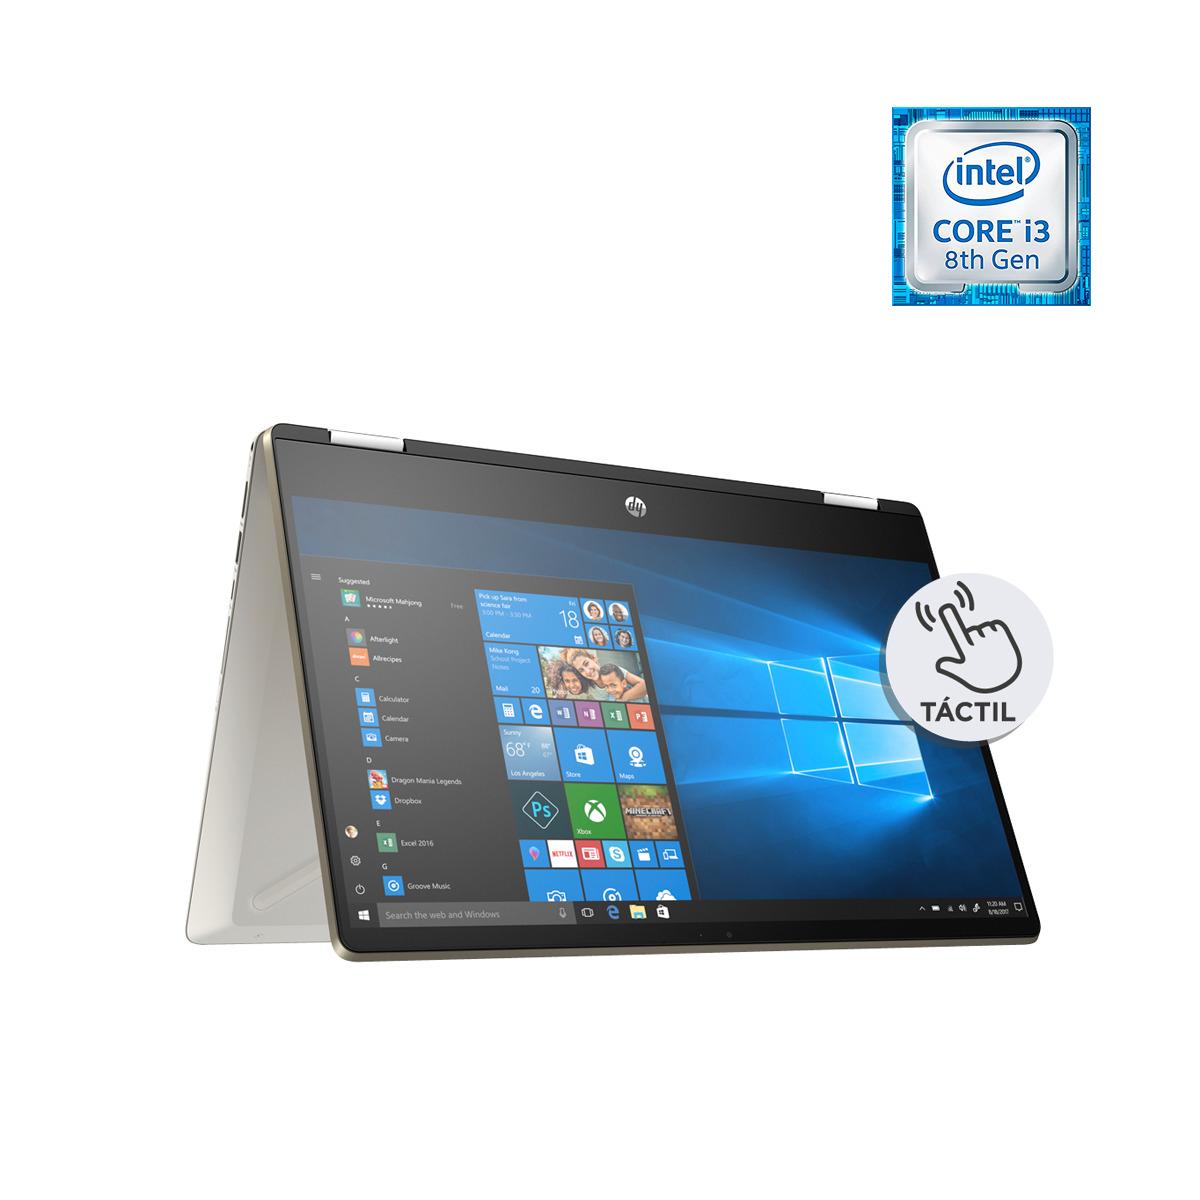 Convertible HP Pavilion 14-dh0001ns x360, i3, 8 GB, 256 GB SSD